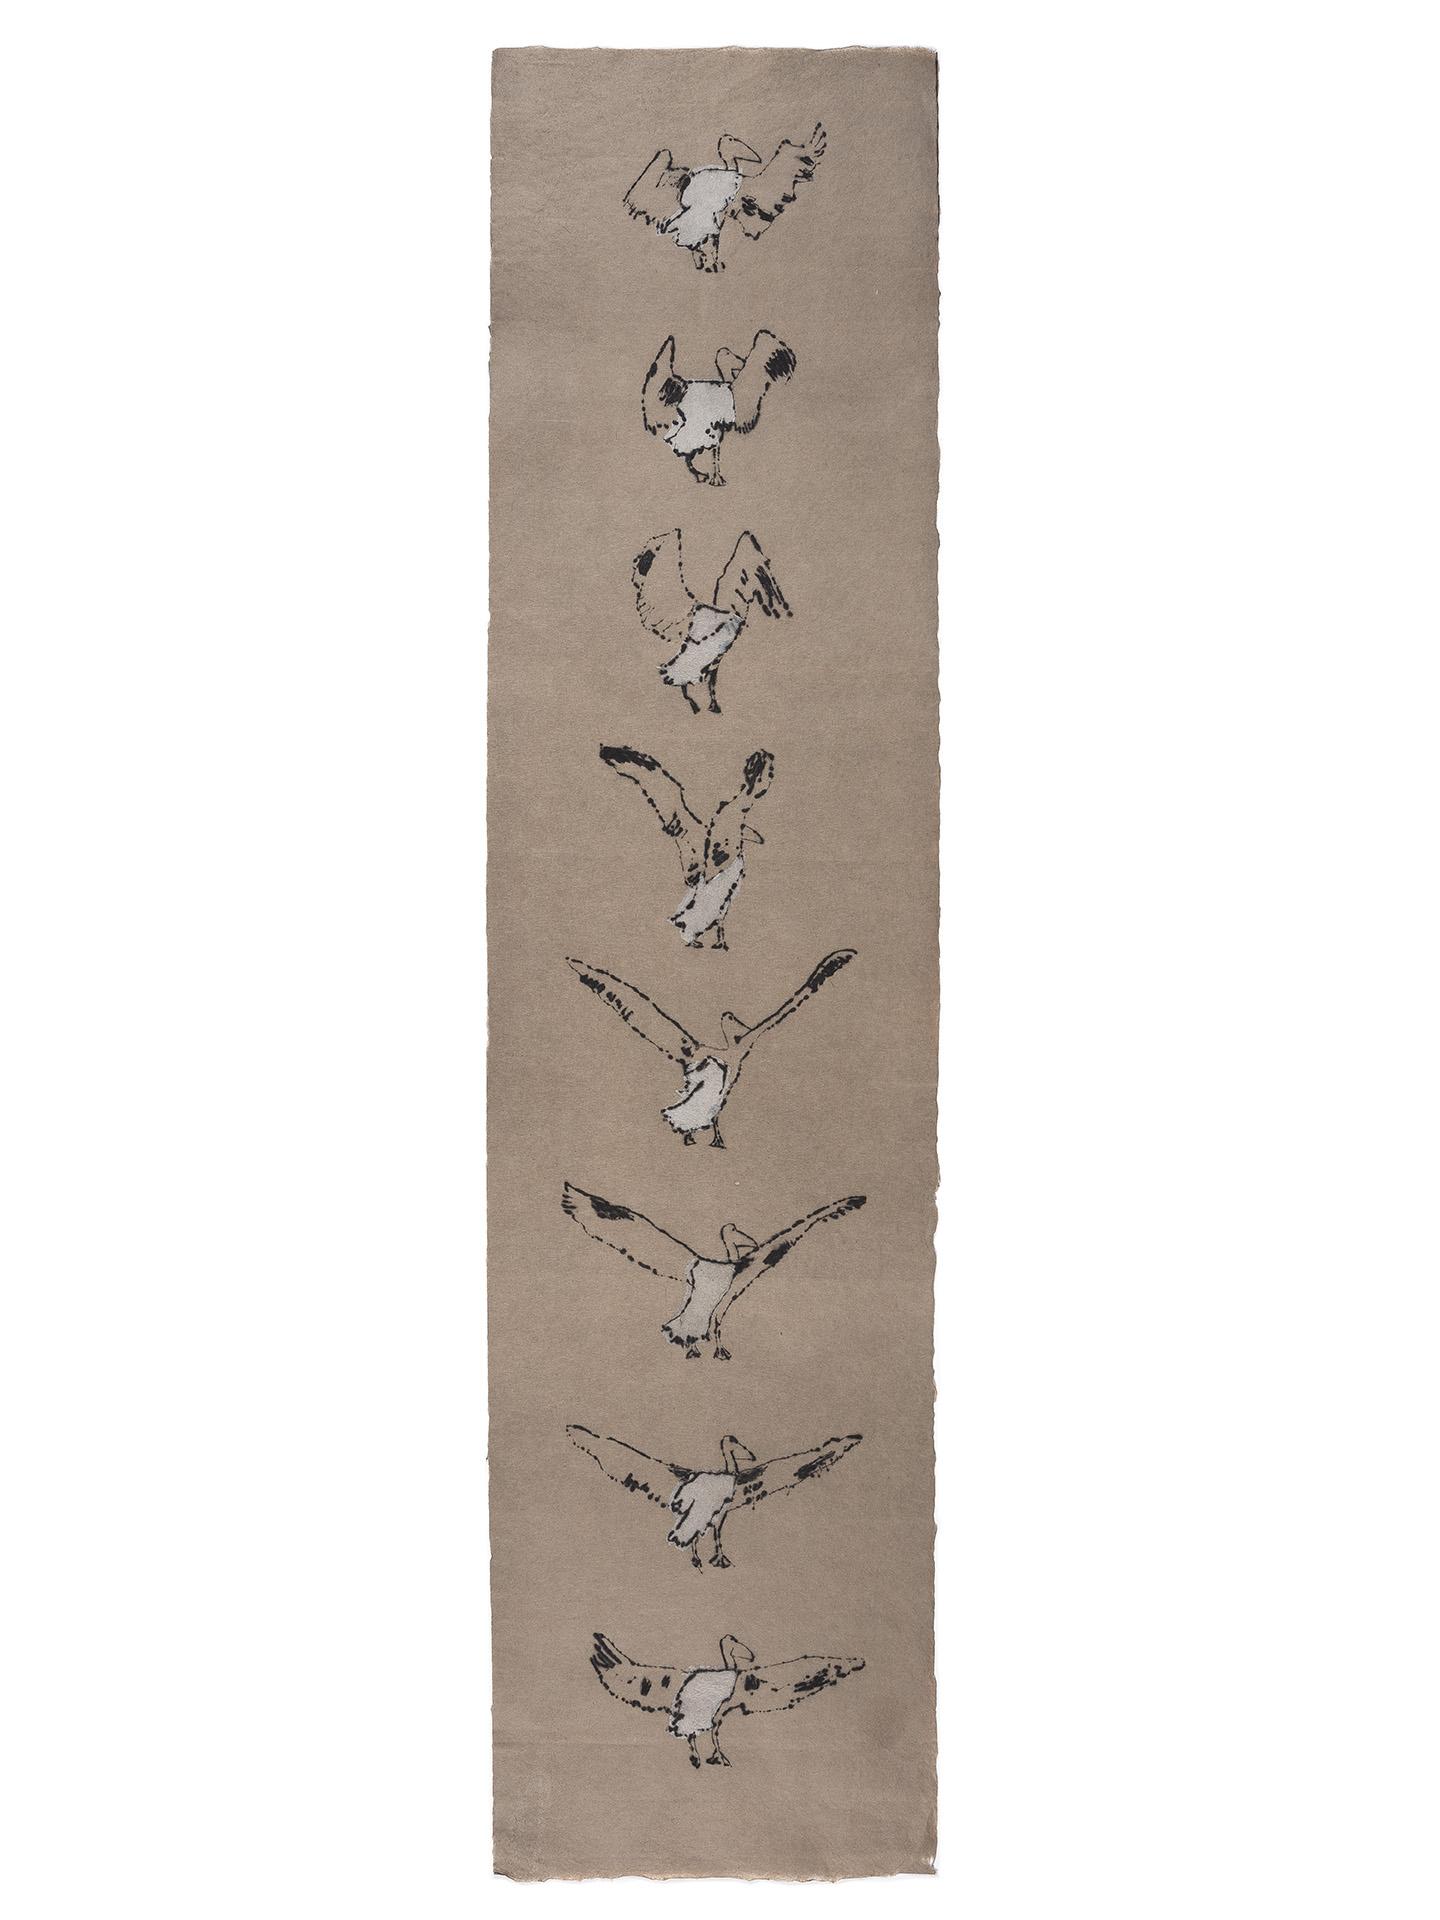 """<p><span style=""""font-size: 10pt;"""">Brigitte Corbisier, <em>Vol du pélican</em>, gravure à la pointe sèche deux couleurs, 2013, 97 x 24 cm ©Caroline Dethier</span></p>"""